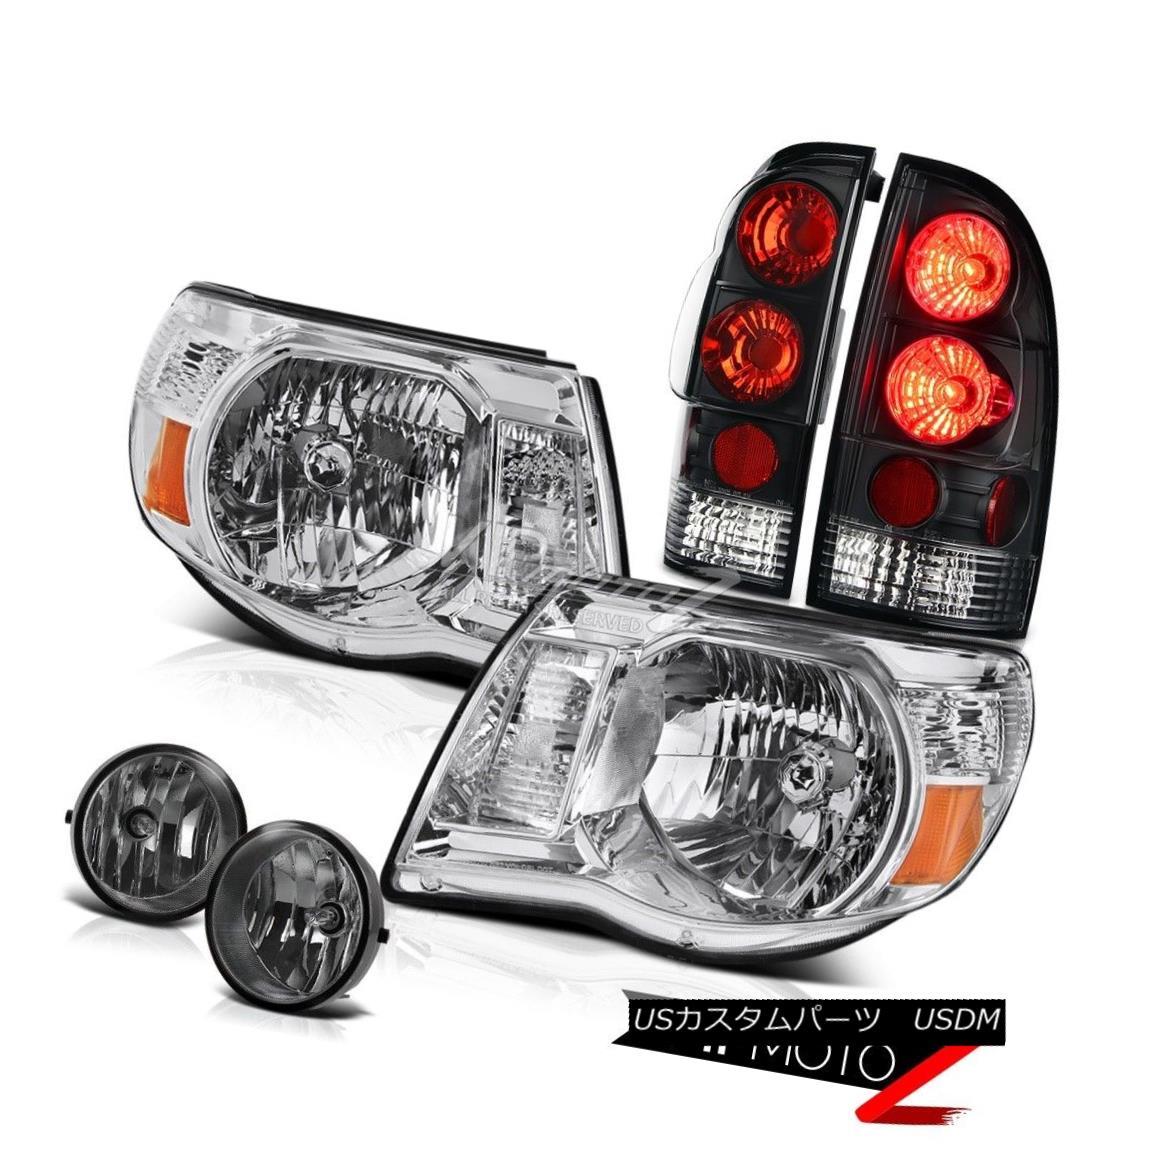 ヘッドライト 2005-2011 Toyota Tacoma Chrome Amber Headlight Black Tail Lights Smoke Foglights 2005-2011トヨタタコマクロームアンバーヘッドライトブラックテールライトスモークフォグライト